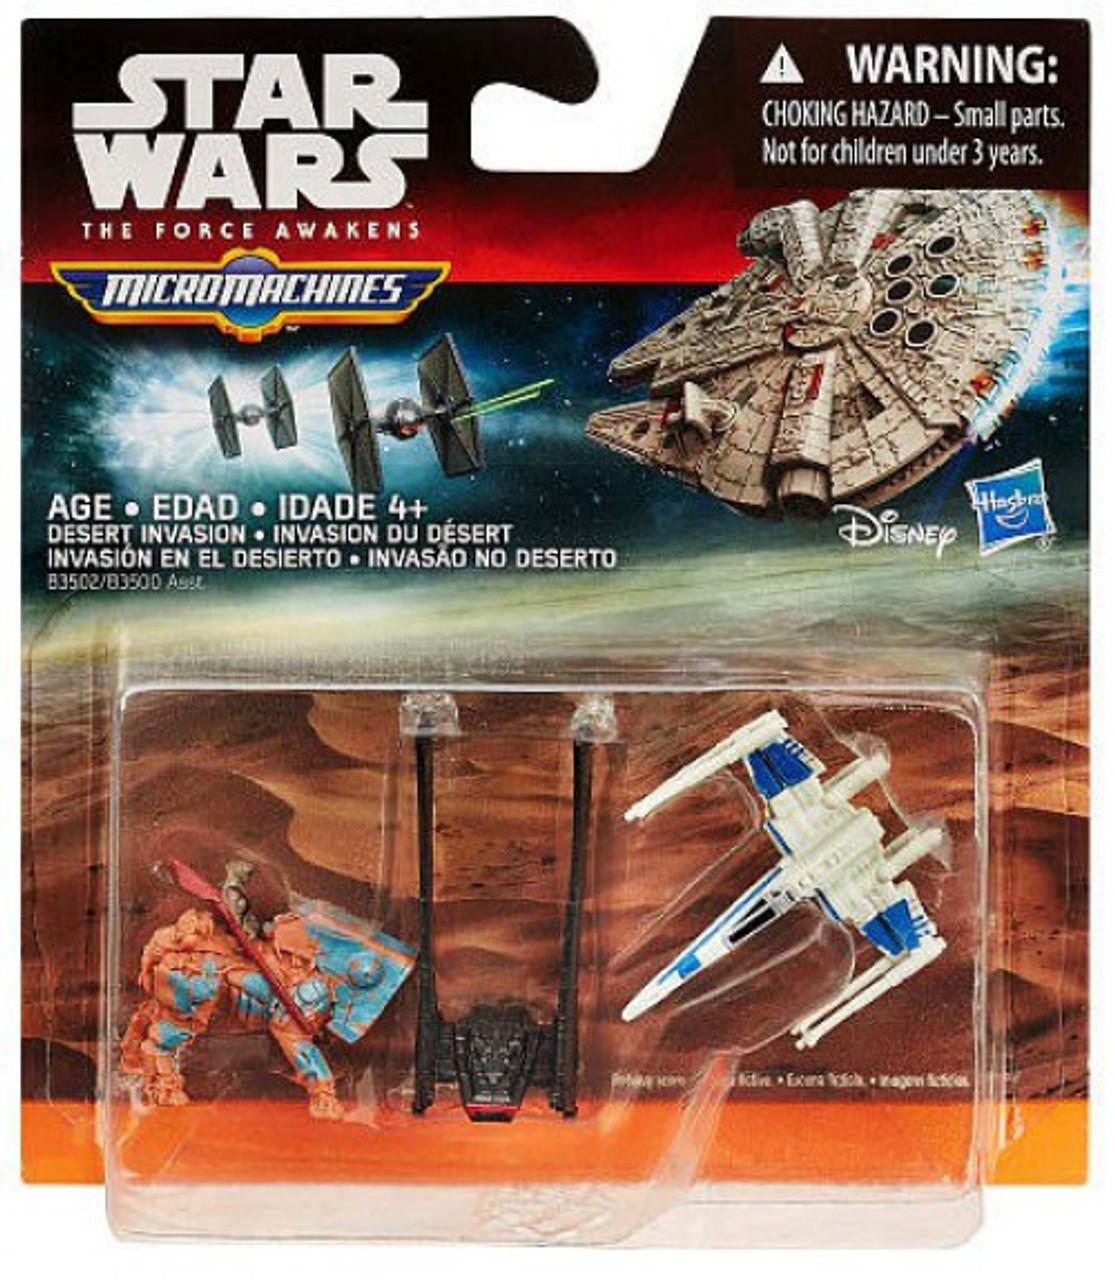 Star Wars The Force Awakens Micro Machines 3-Pack Desert Invasion